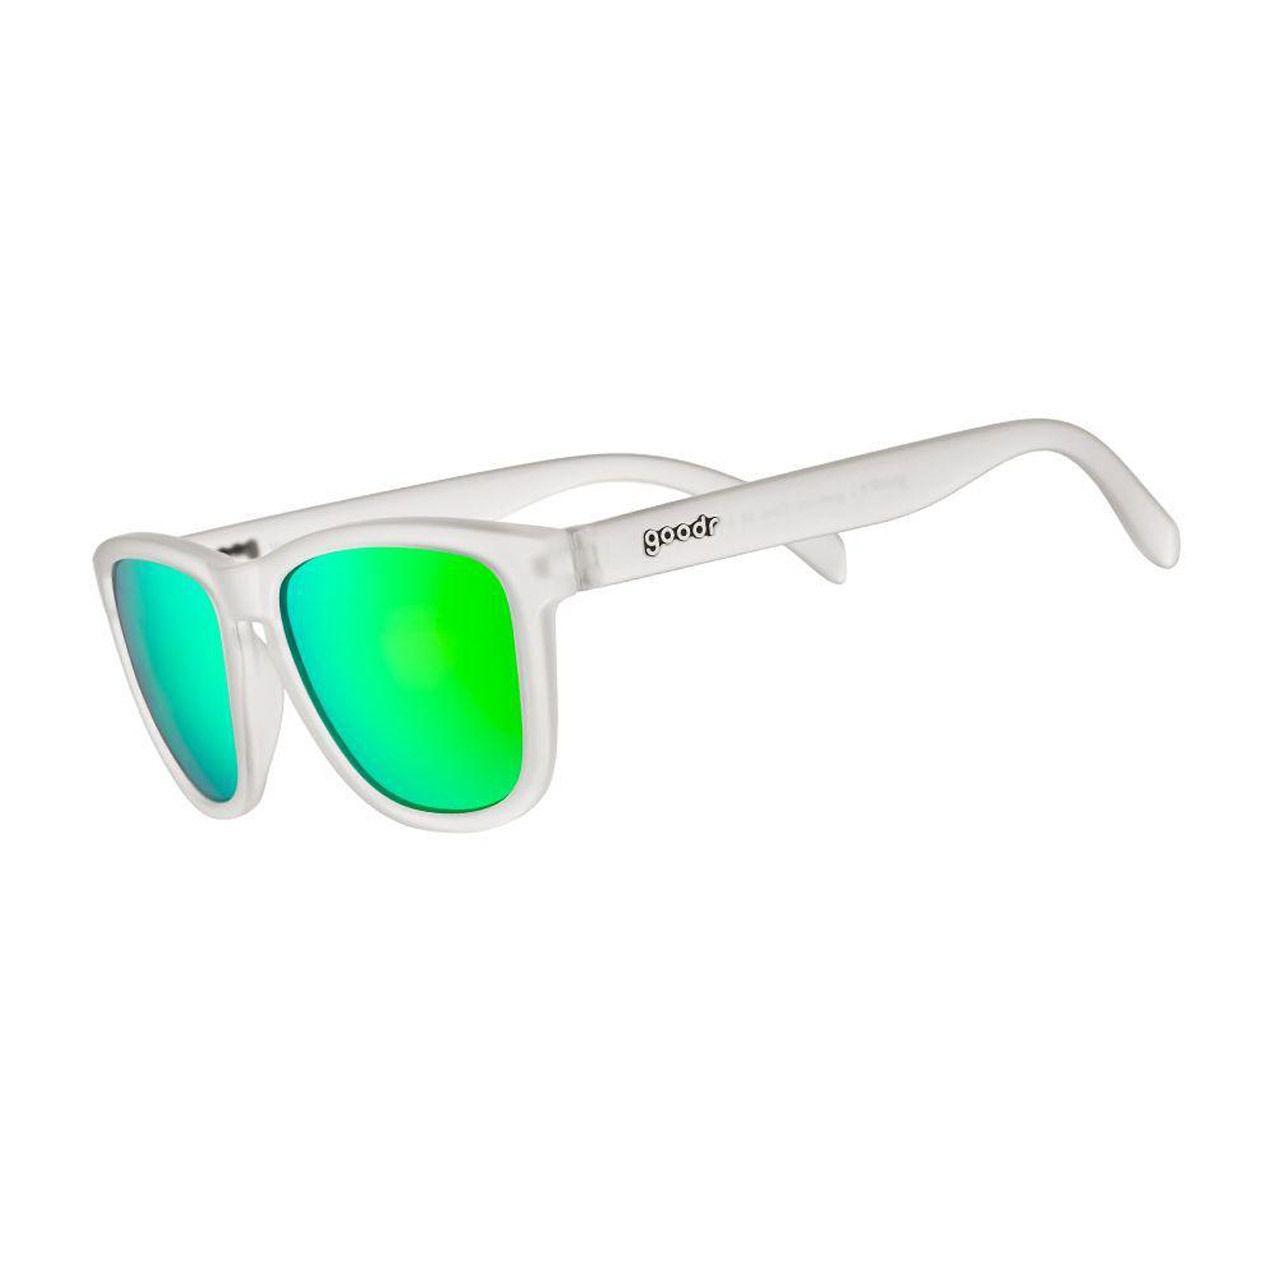 Oculos de Sol Goodr -  Run, You Fools!